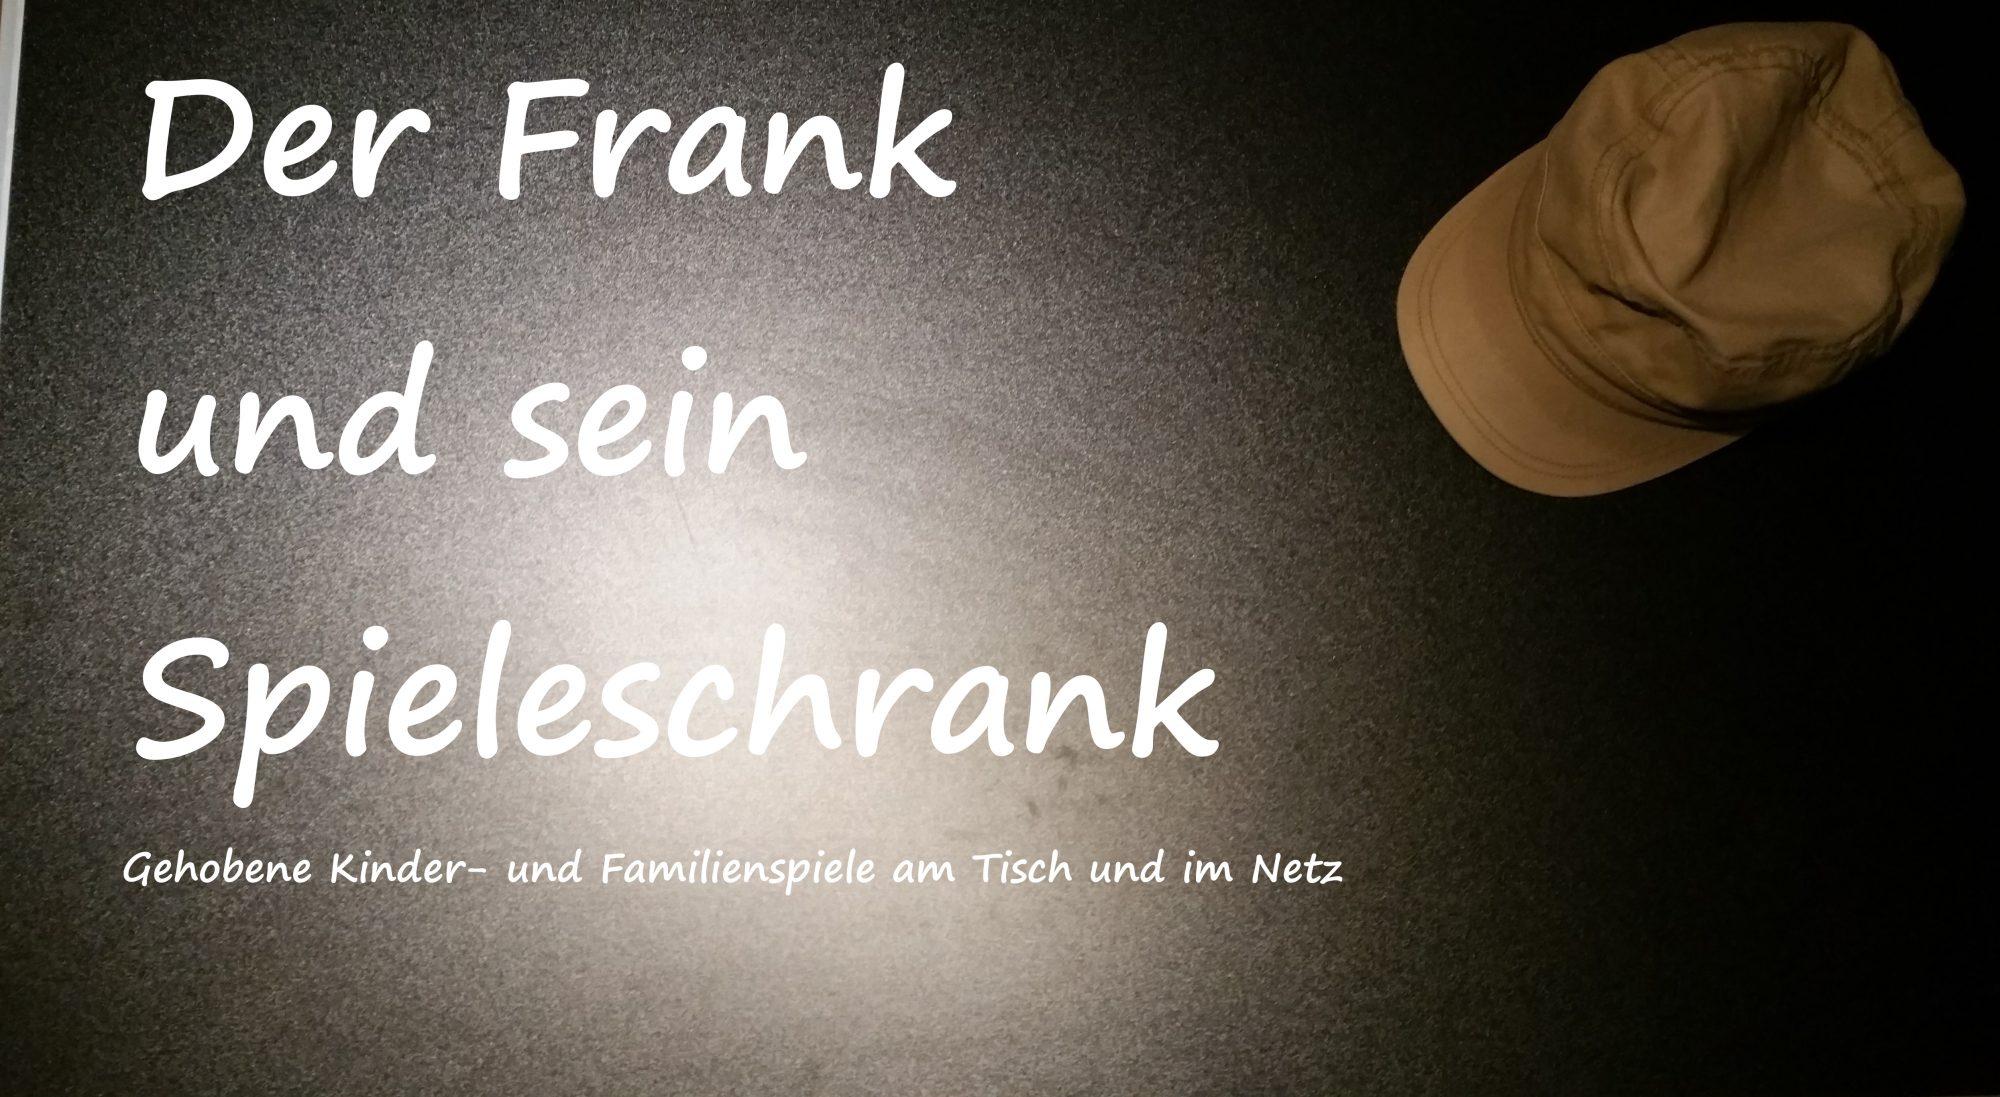 Der Frank und sein Spieleschrank